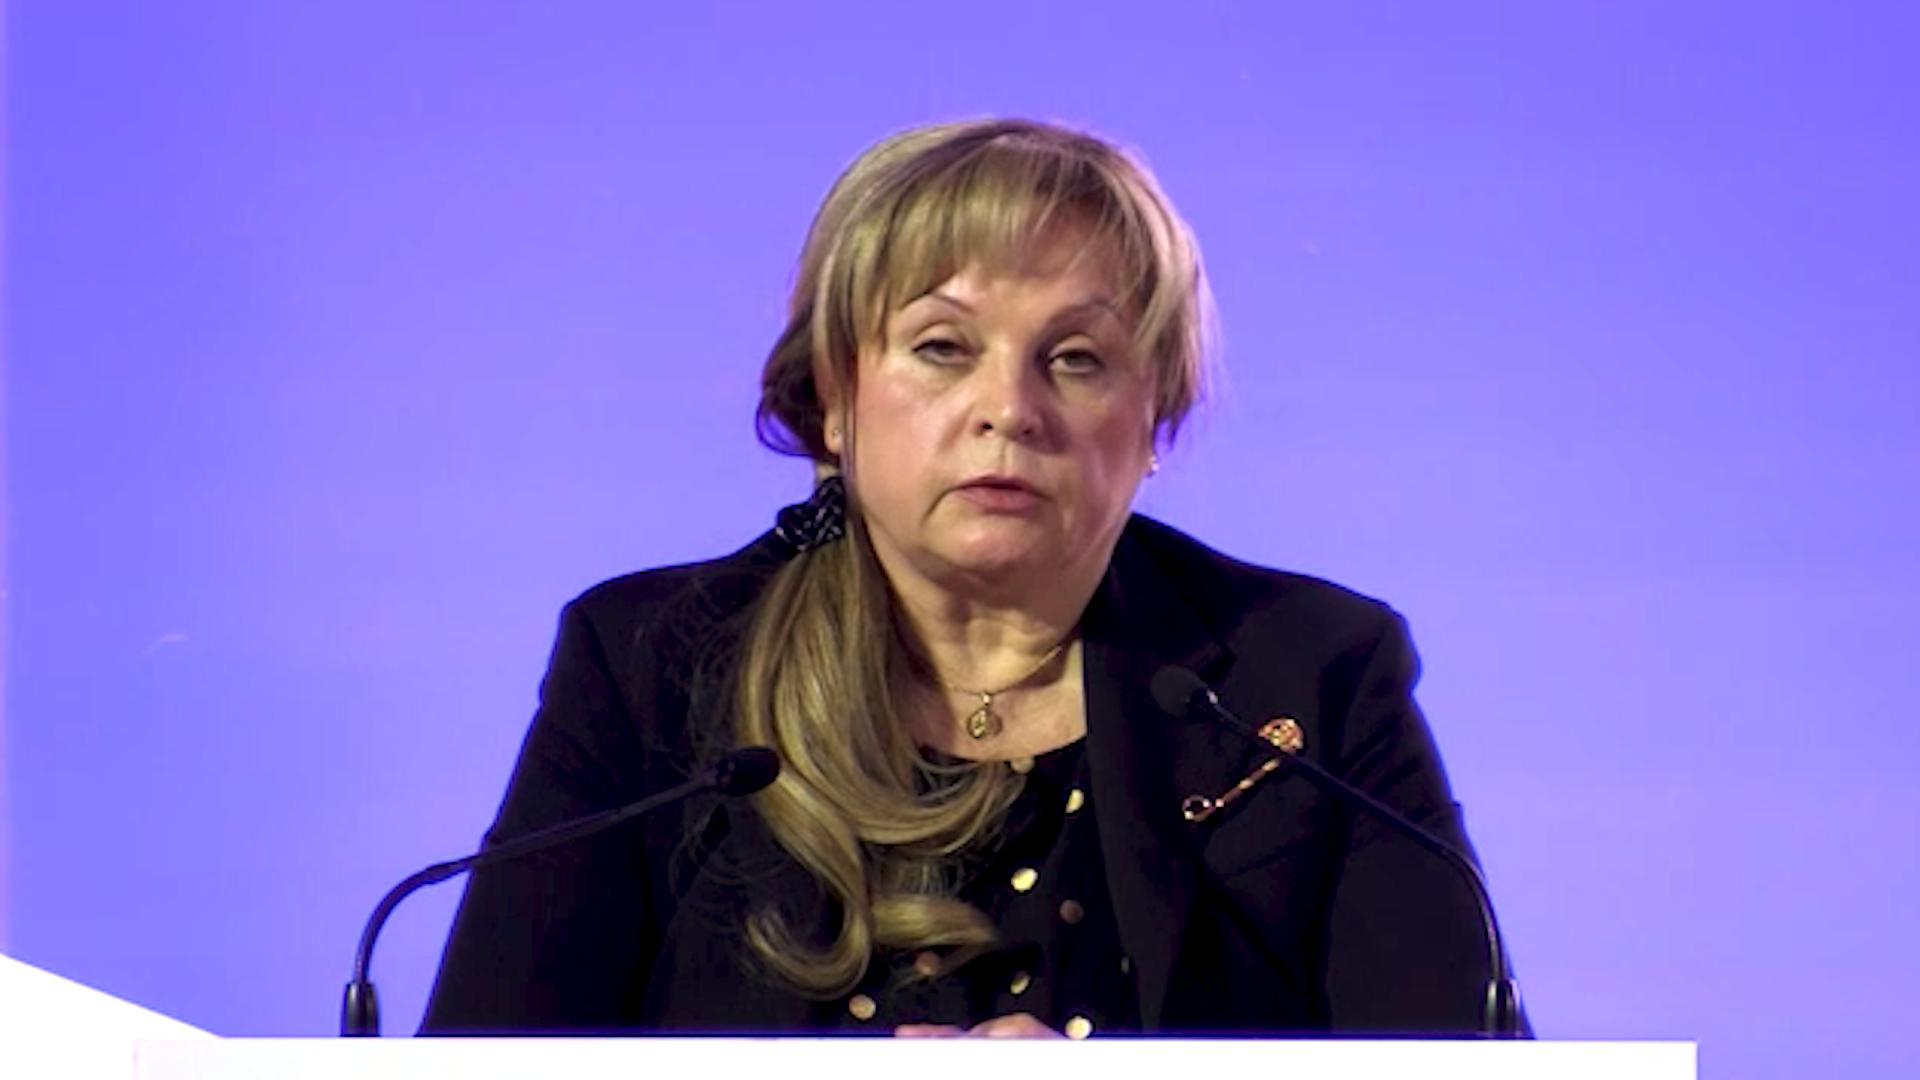 Памфилова сообщила о тотальной системе видеонаблюдения за голосованием на выборах